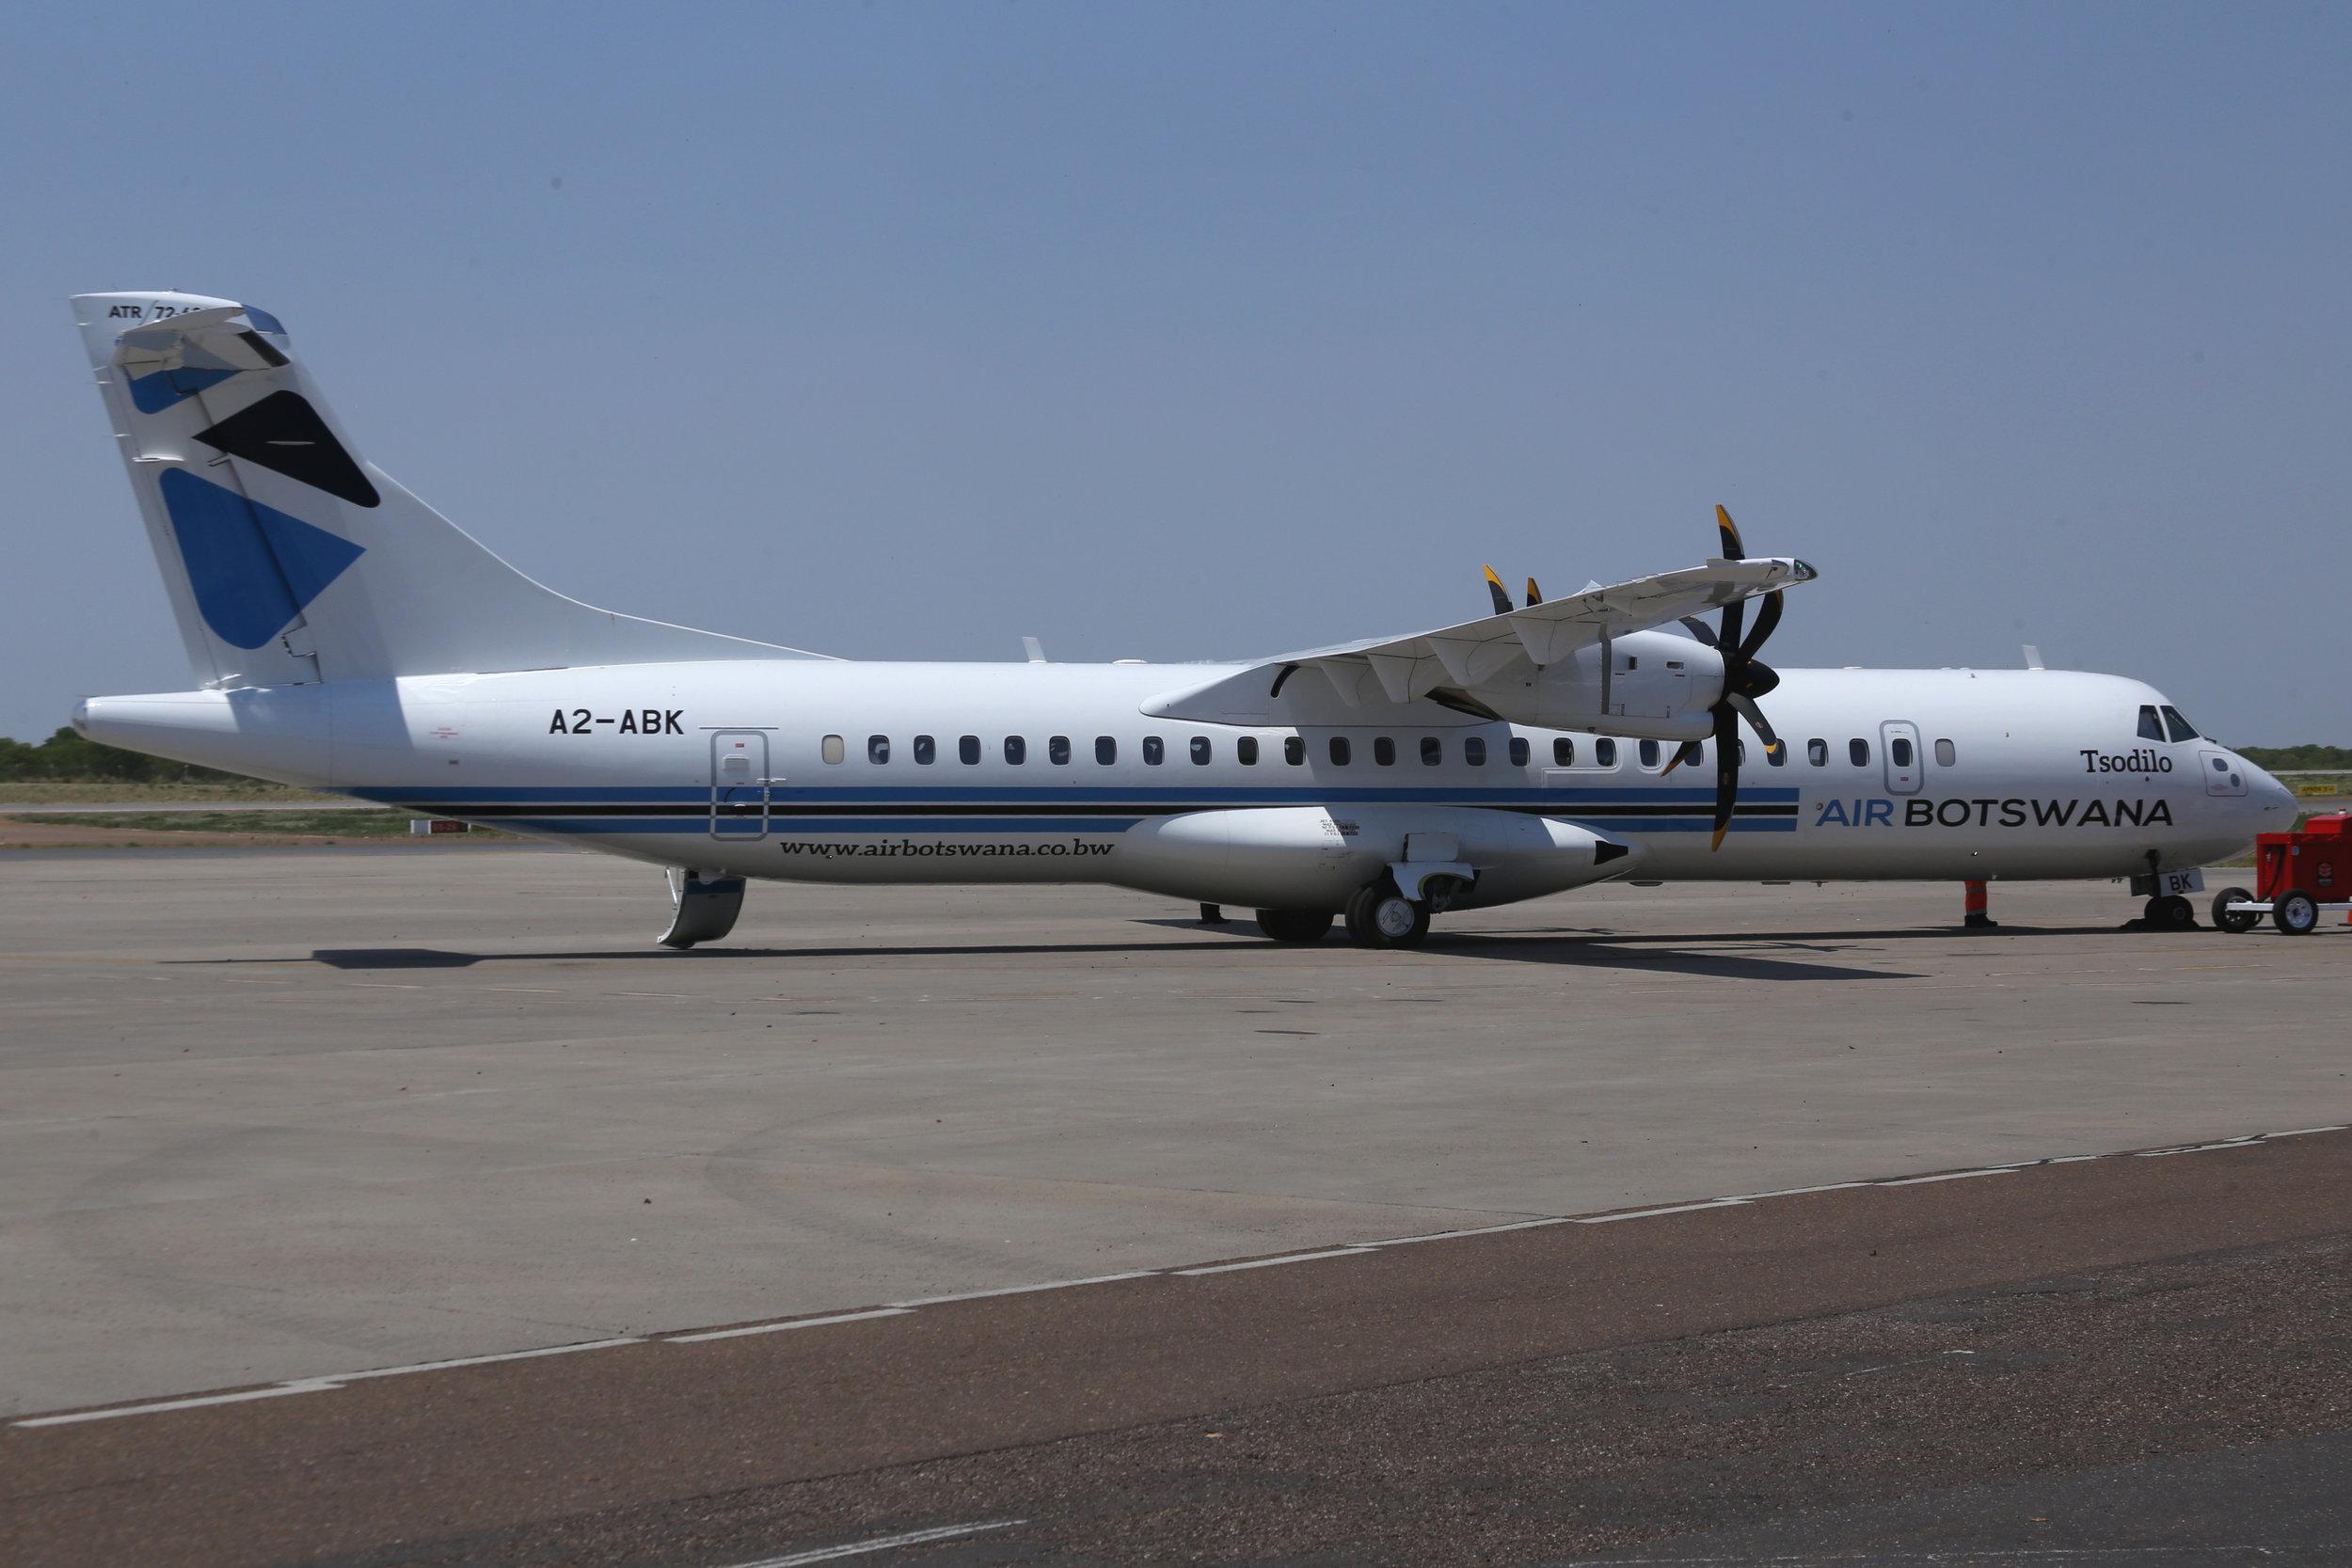 A2-ABK Air Botswana ATR-72-600 taken at Maun, Botswana 15th November by John Wood